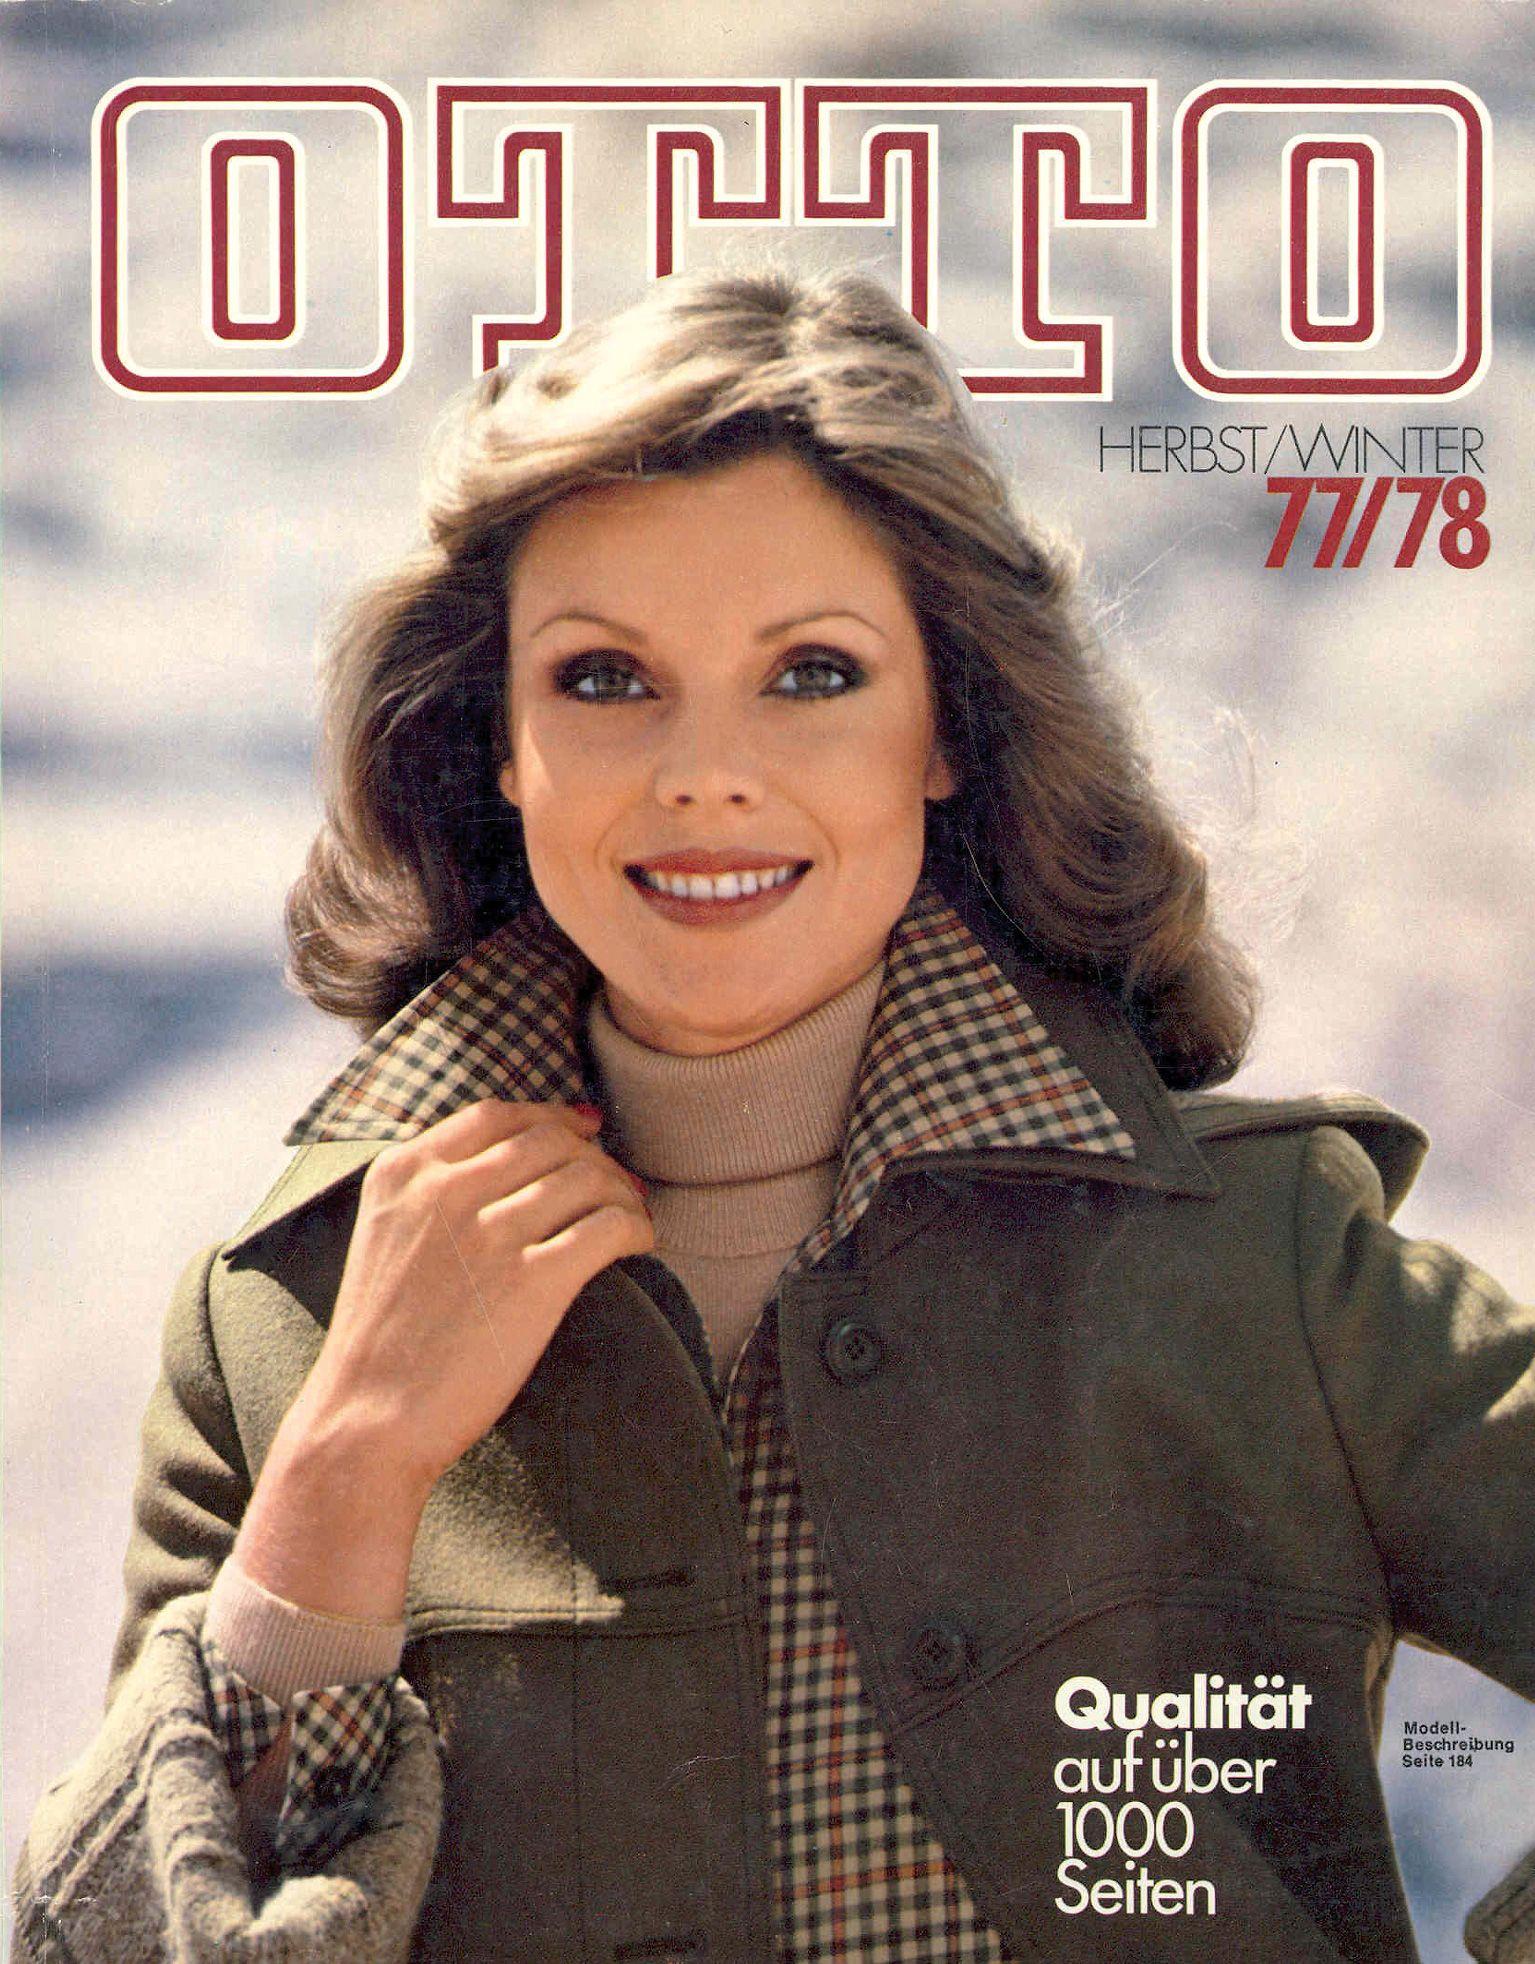 Otto Katalog / Herbst Winter 77/78